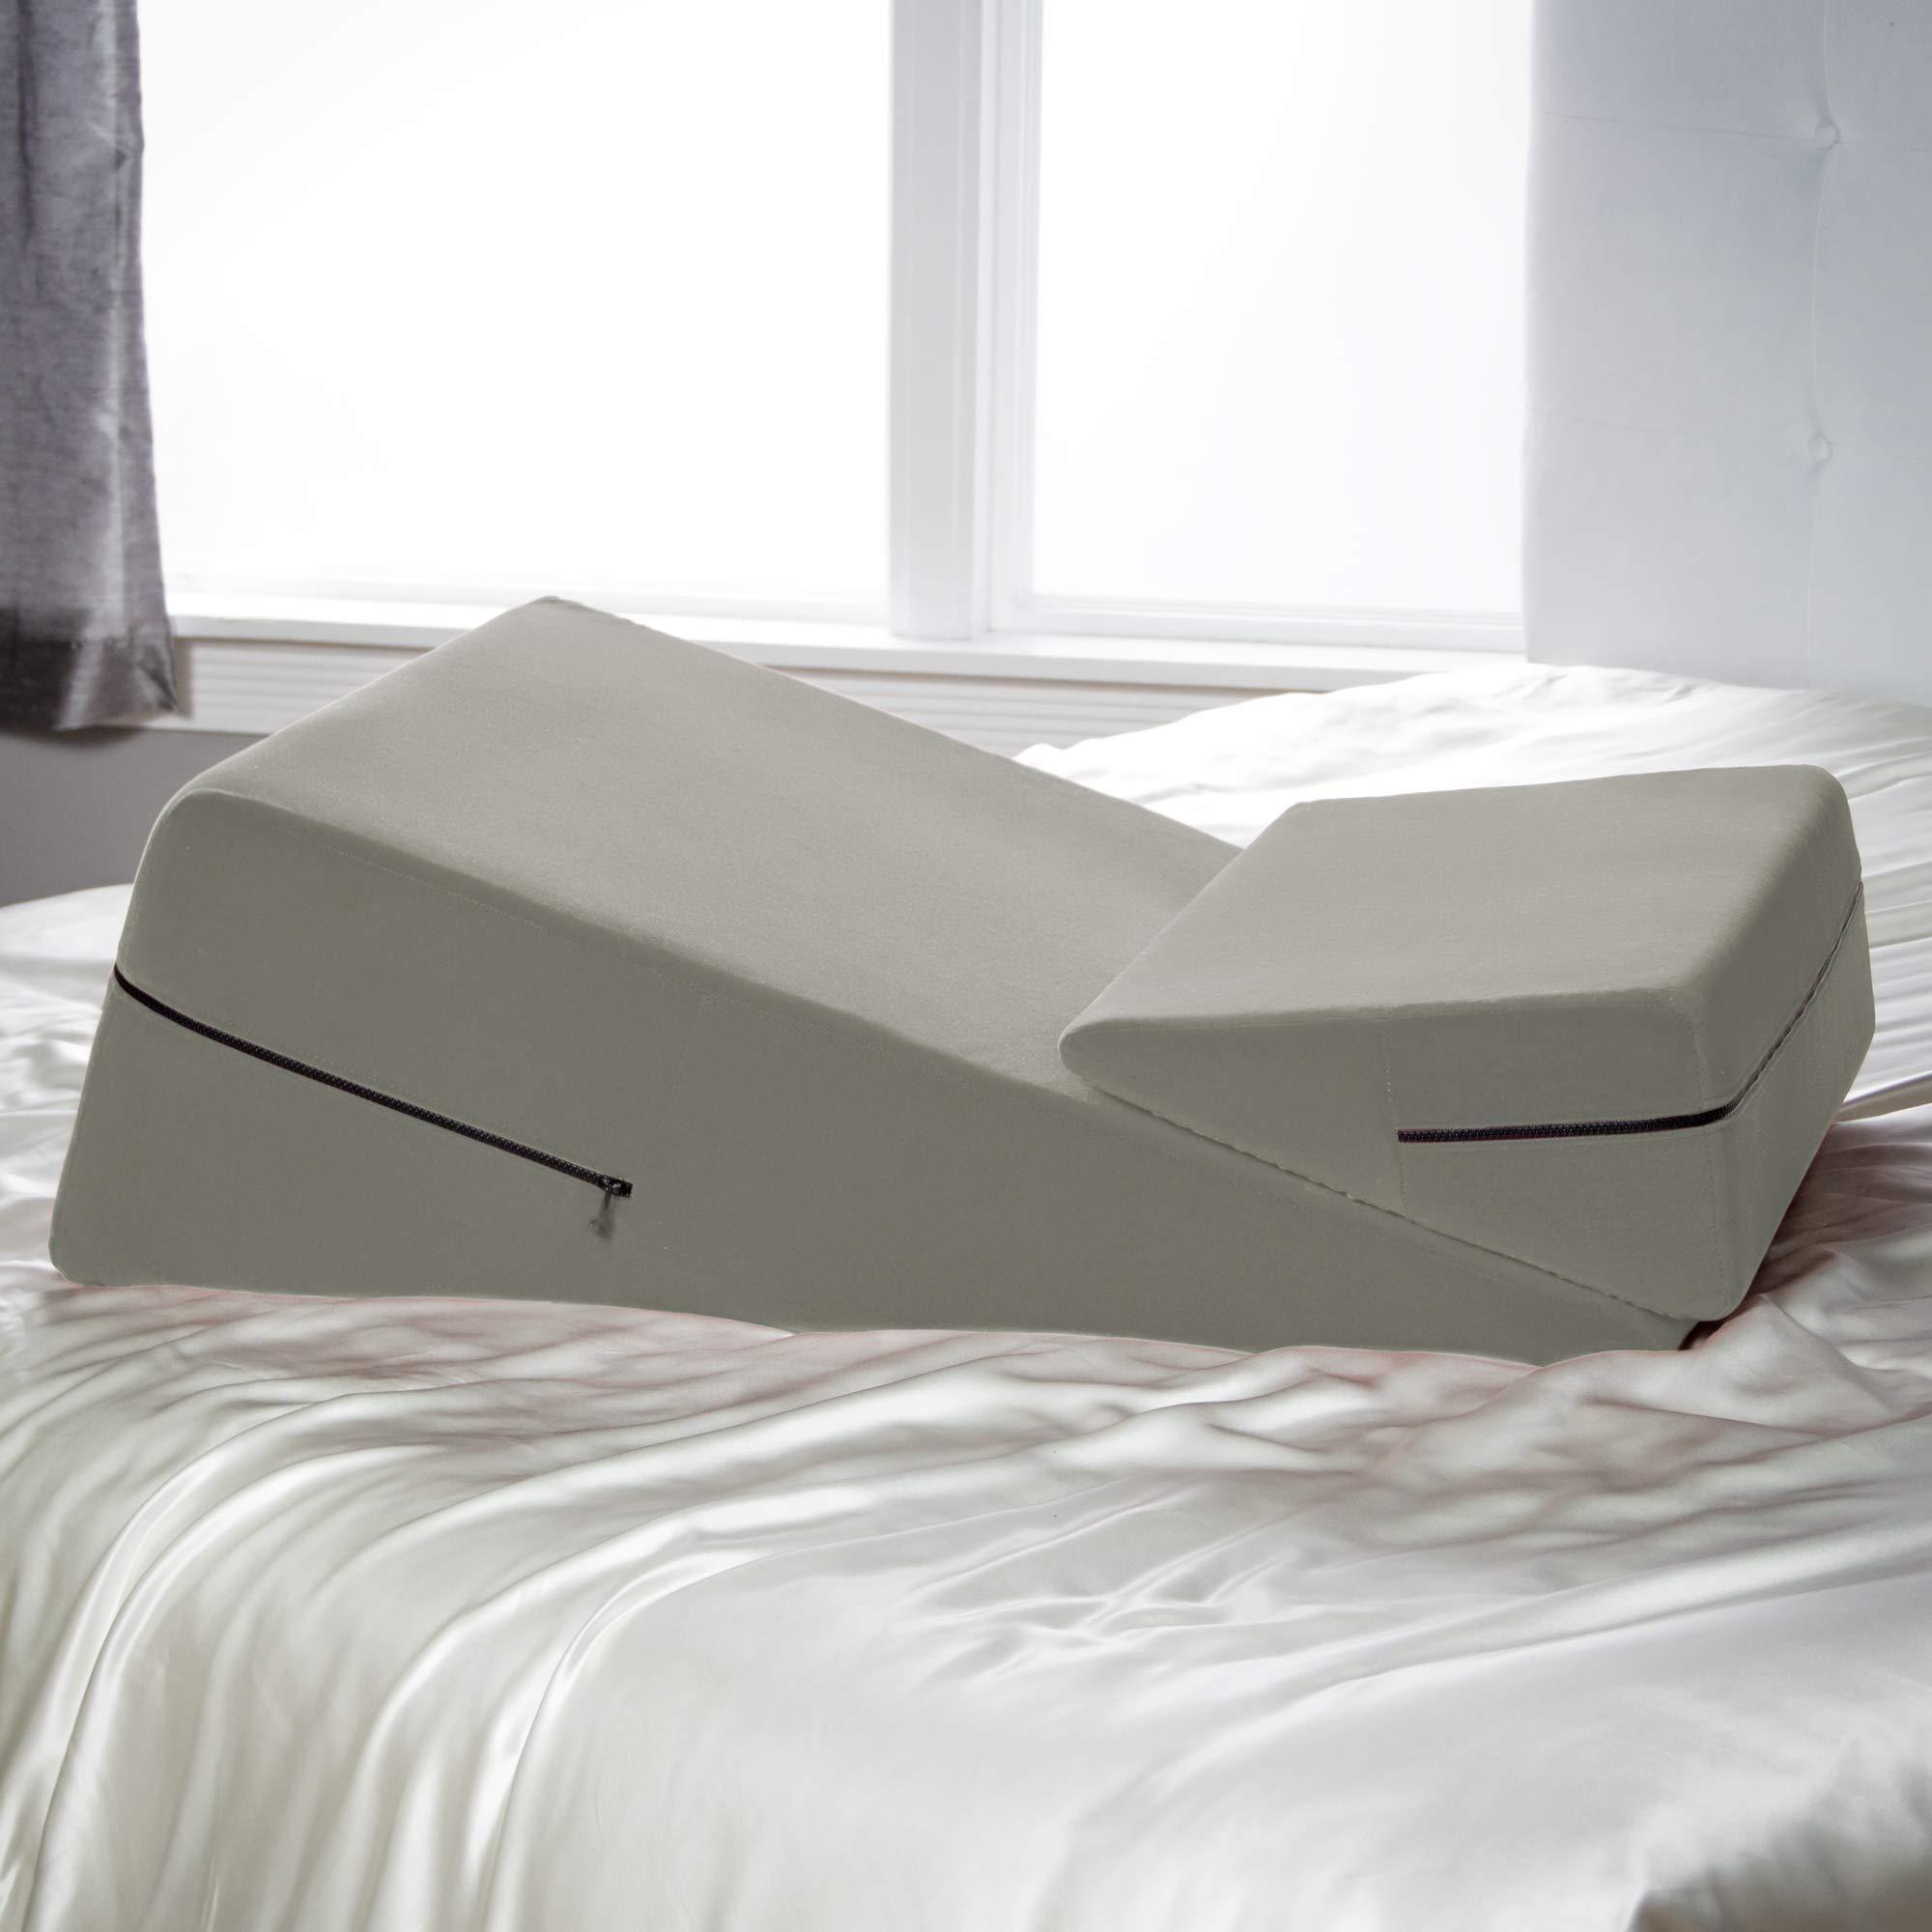 Avana Micro-Velvet Slant Combo 12'' & 7'' Height - Firm Density Bed Wedge Set for Back and Knee Support by Avana